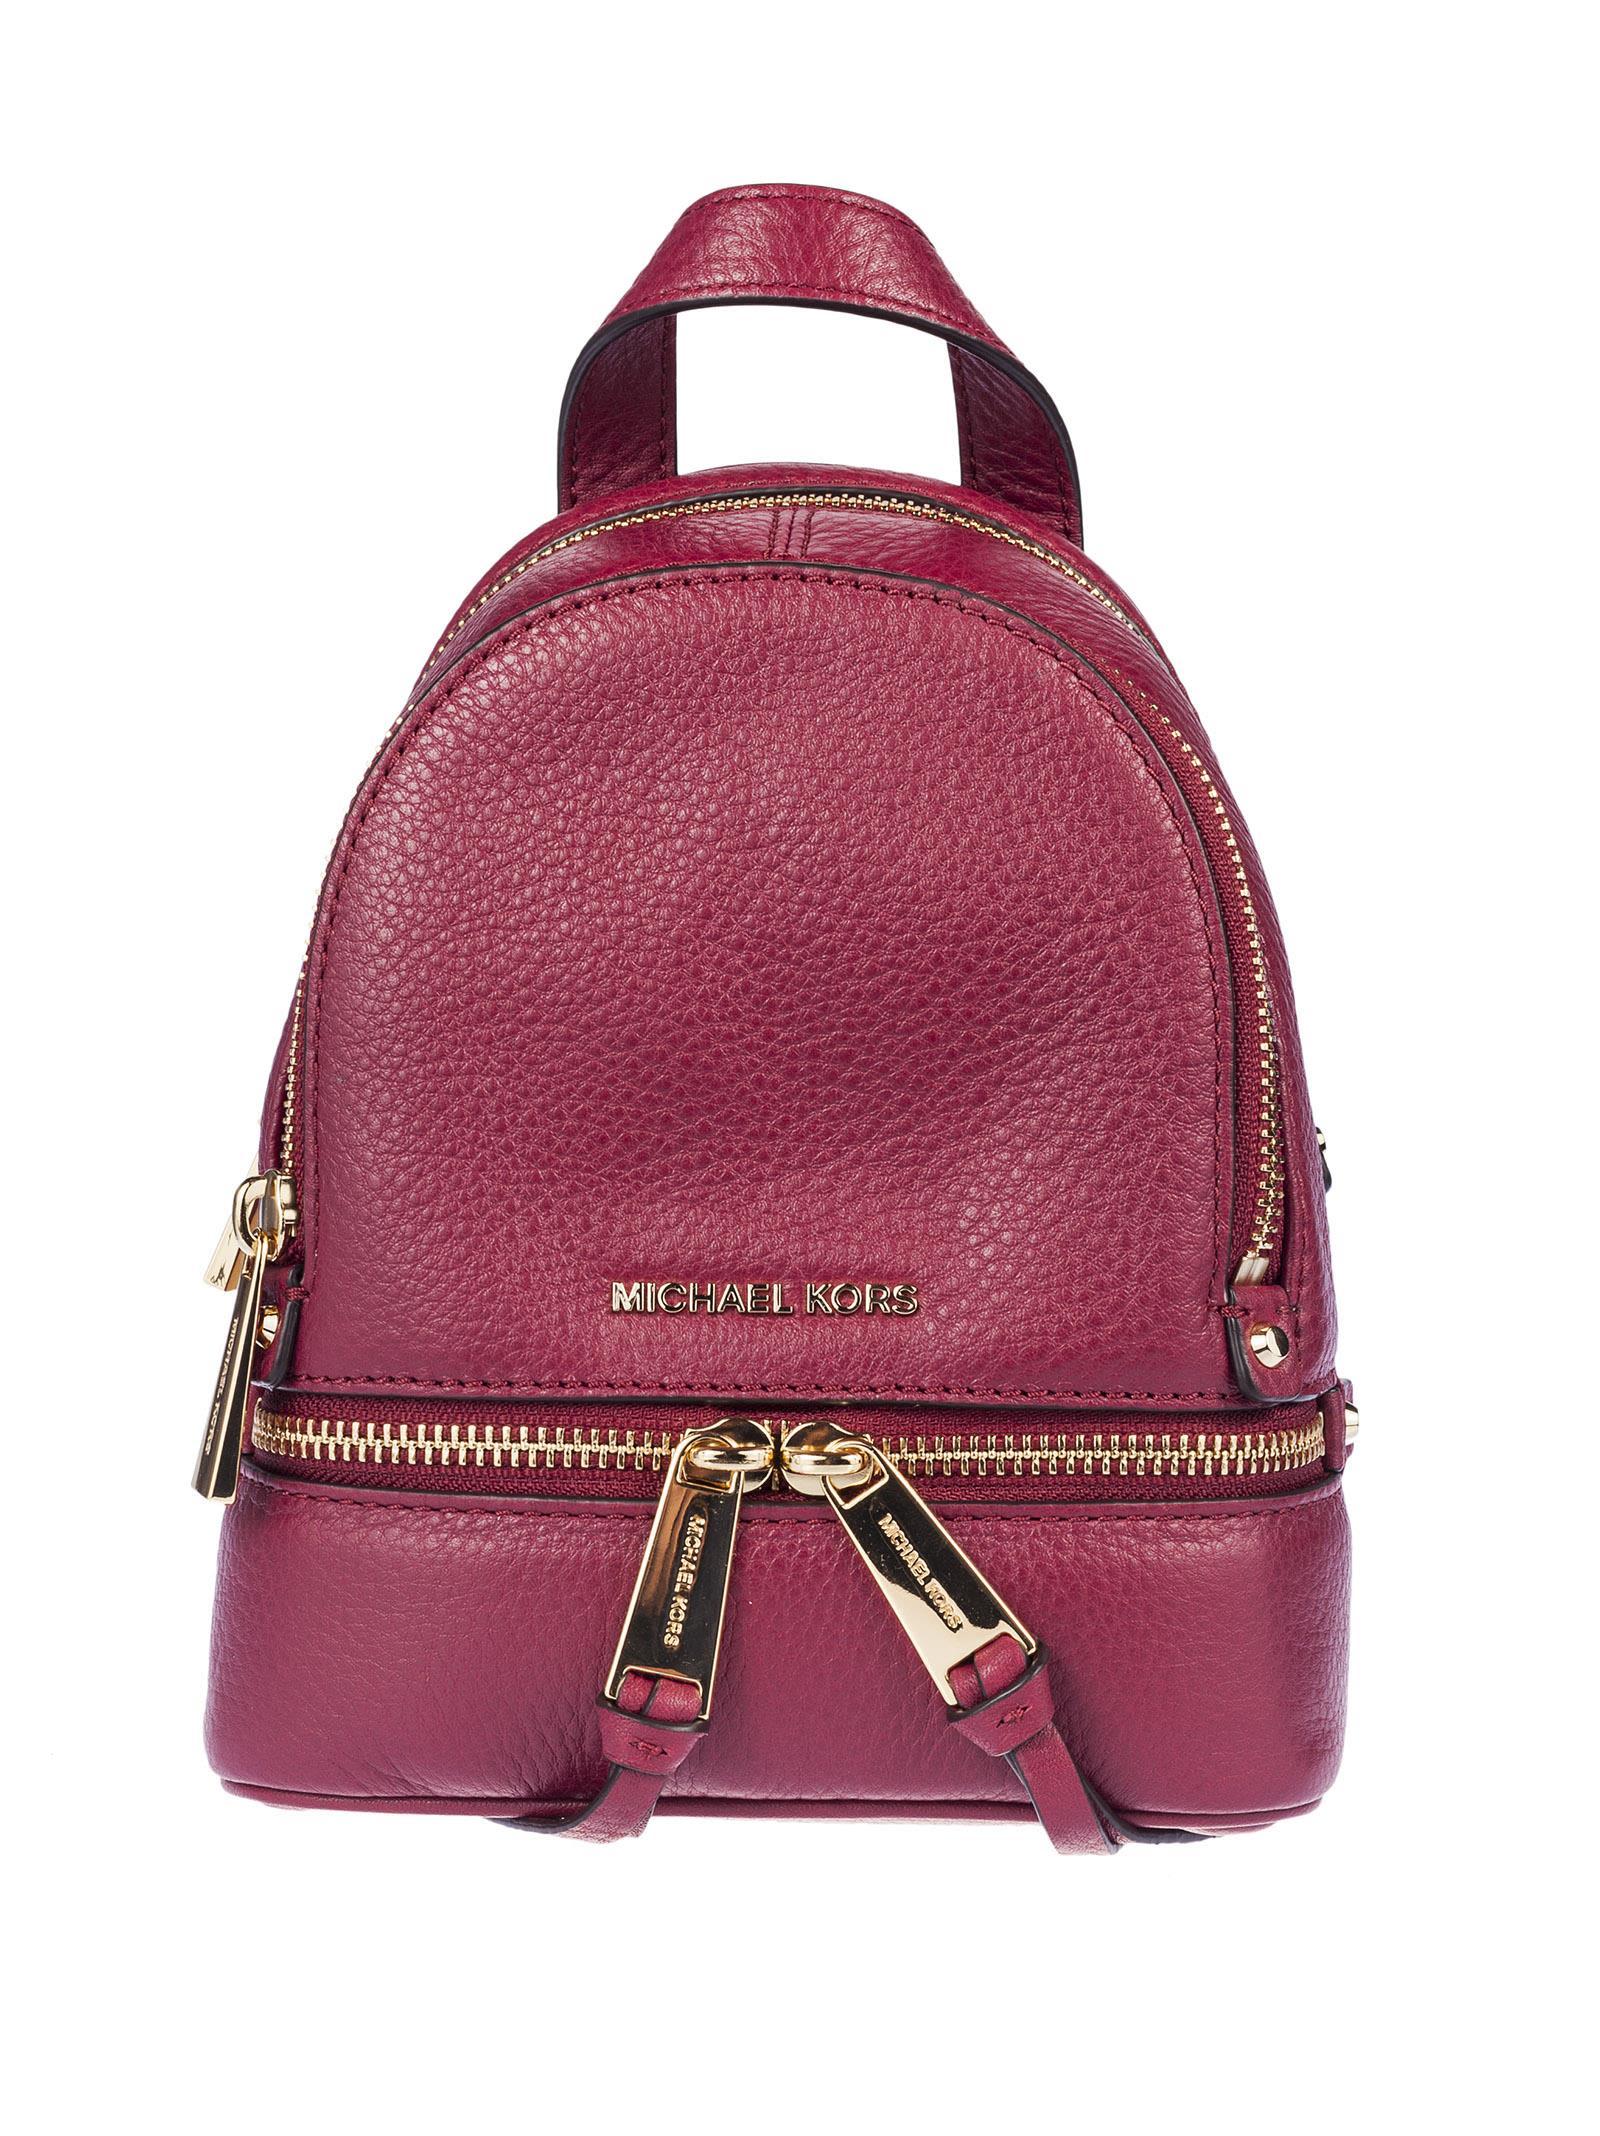 Michael Kors Mini Rhea Backpack